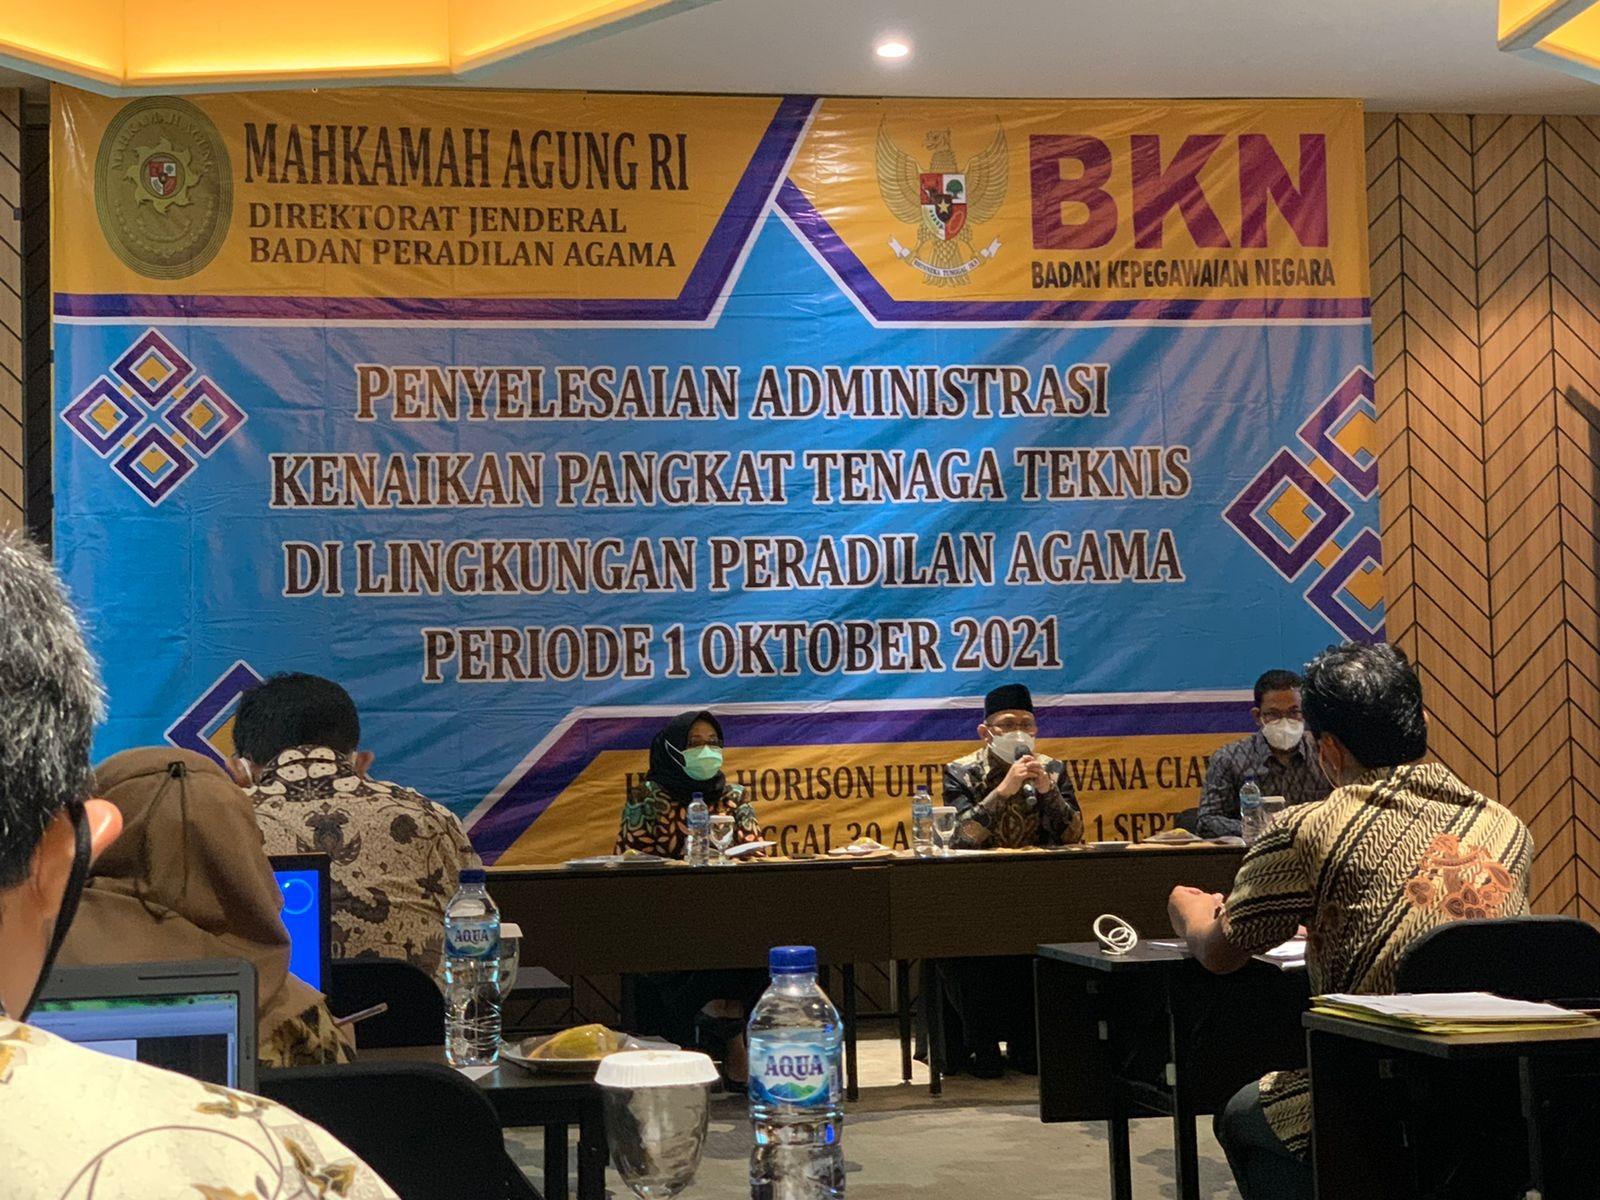 Direktorat Pembinaan Tenaga Teknis Peradilan Agama Menyelenggarakan Kegiatan Penyelesaian Administrasi Kenaikan Pangkat Tenaga Teknis di Lingkungan Peradilan Agama